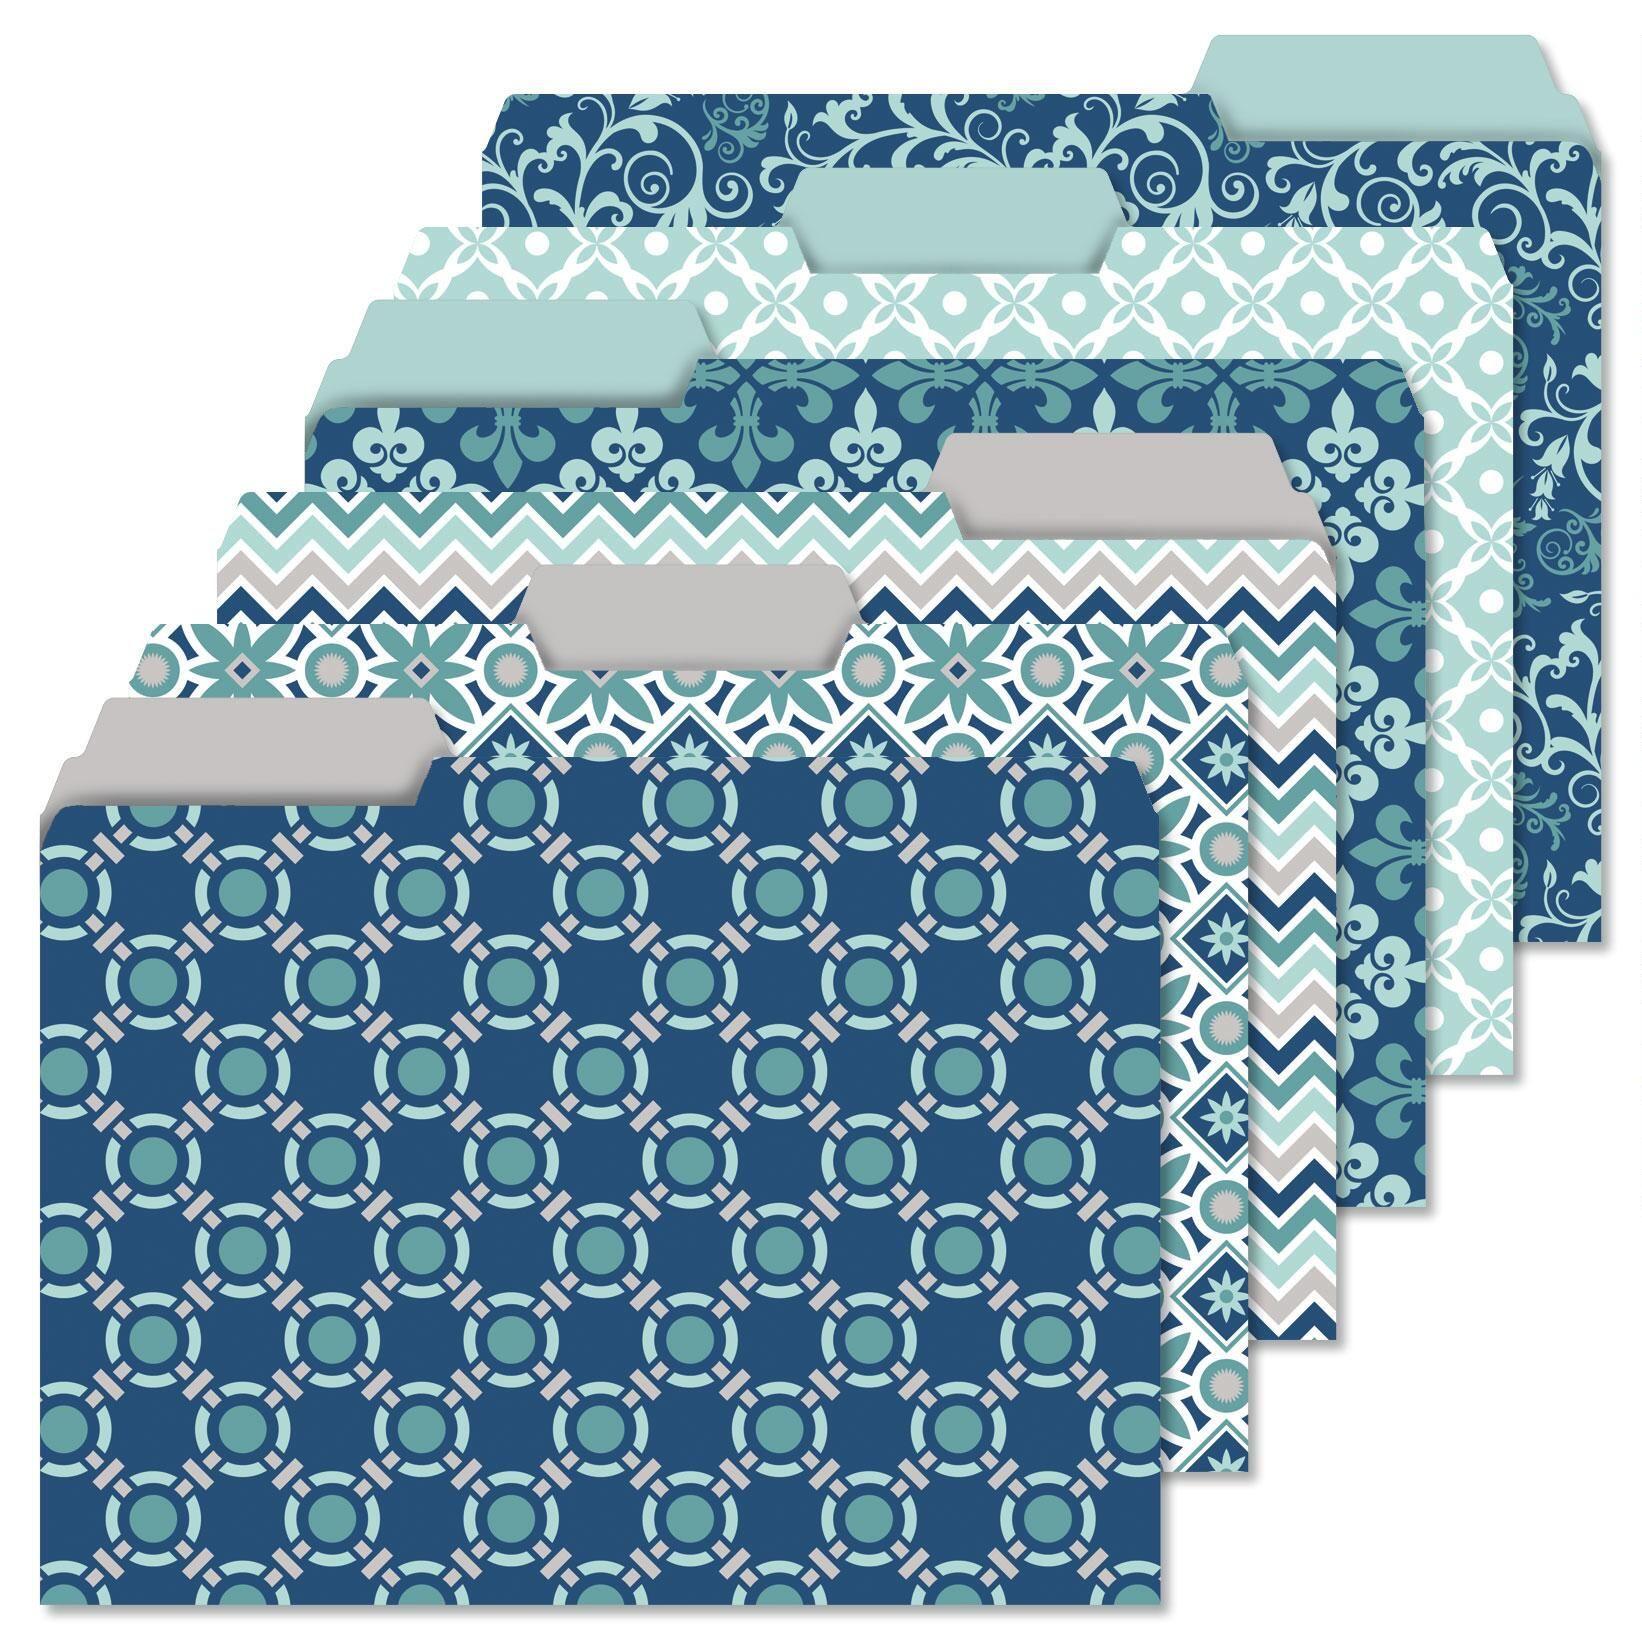 Coastal Patterns File Folder Value Pack